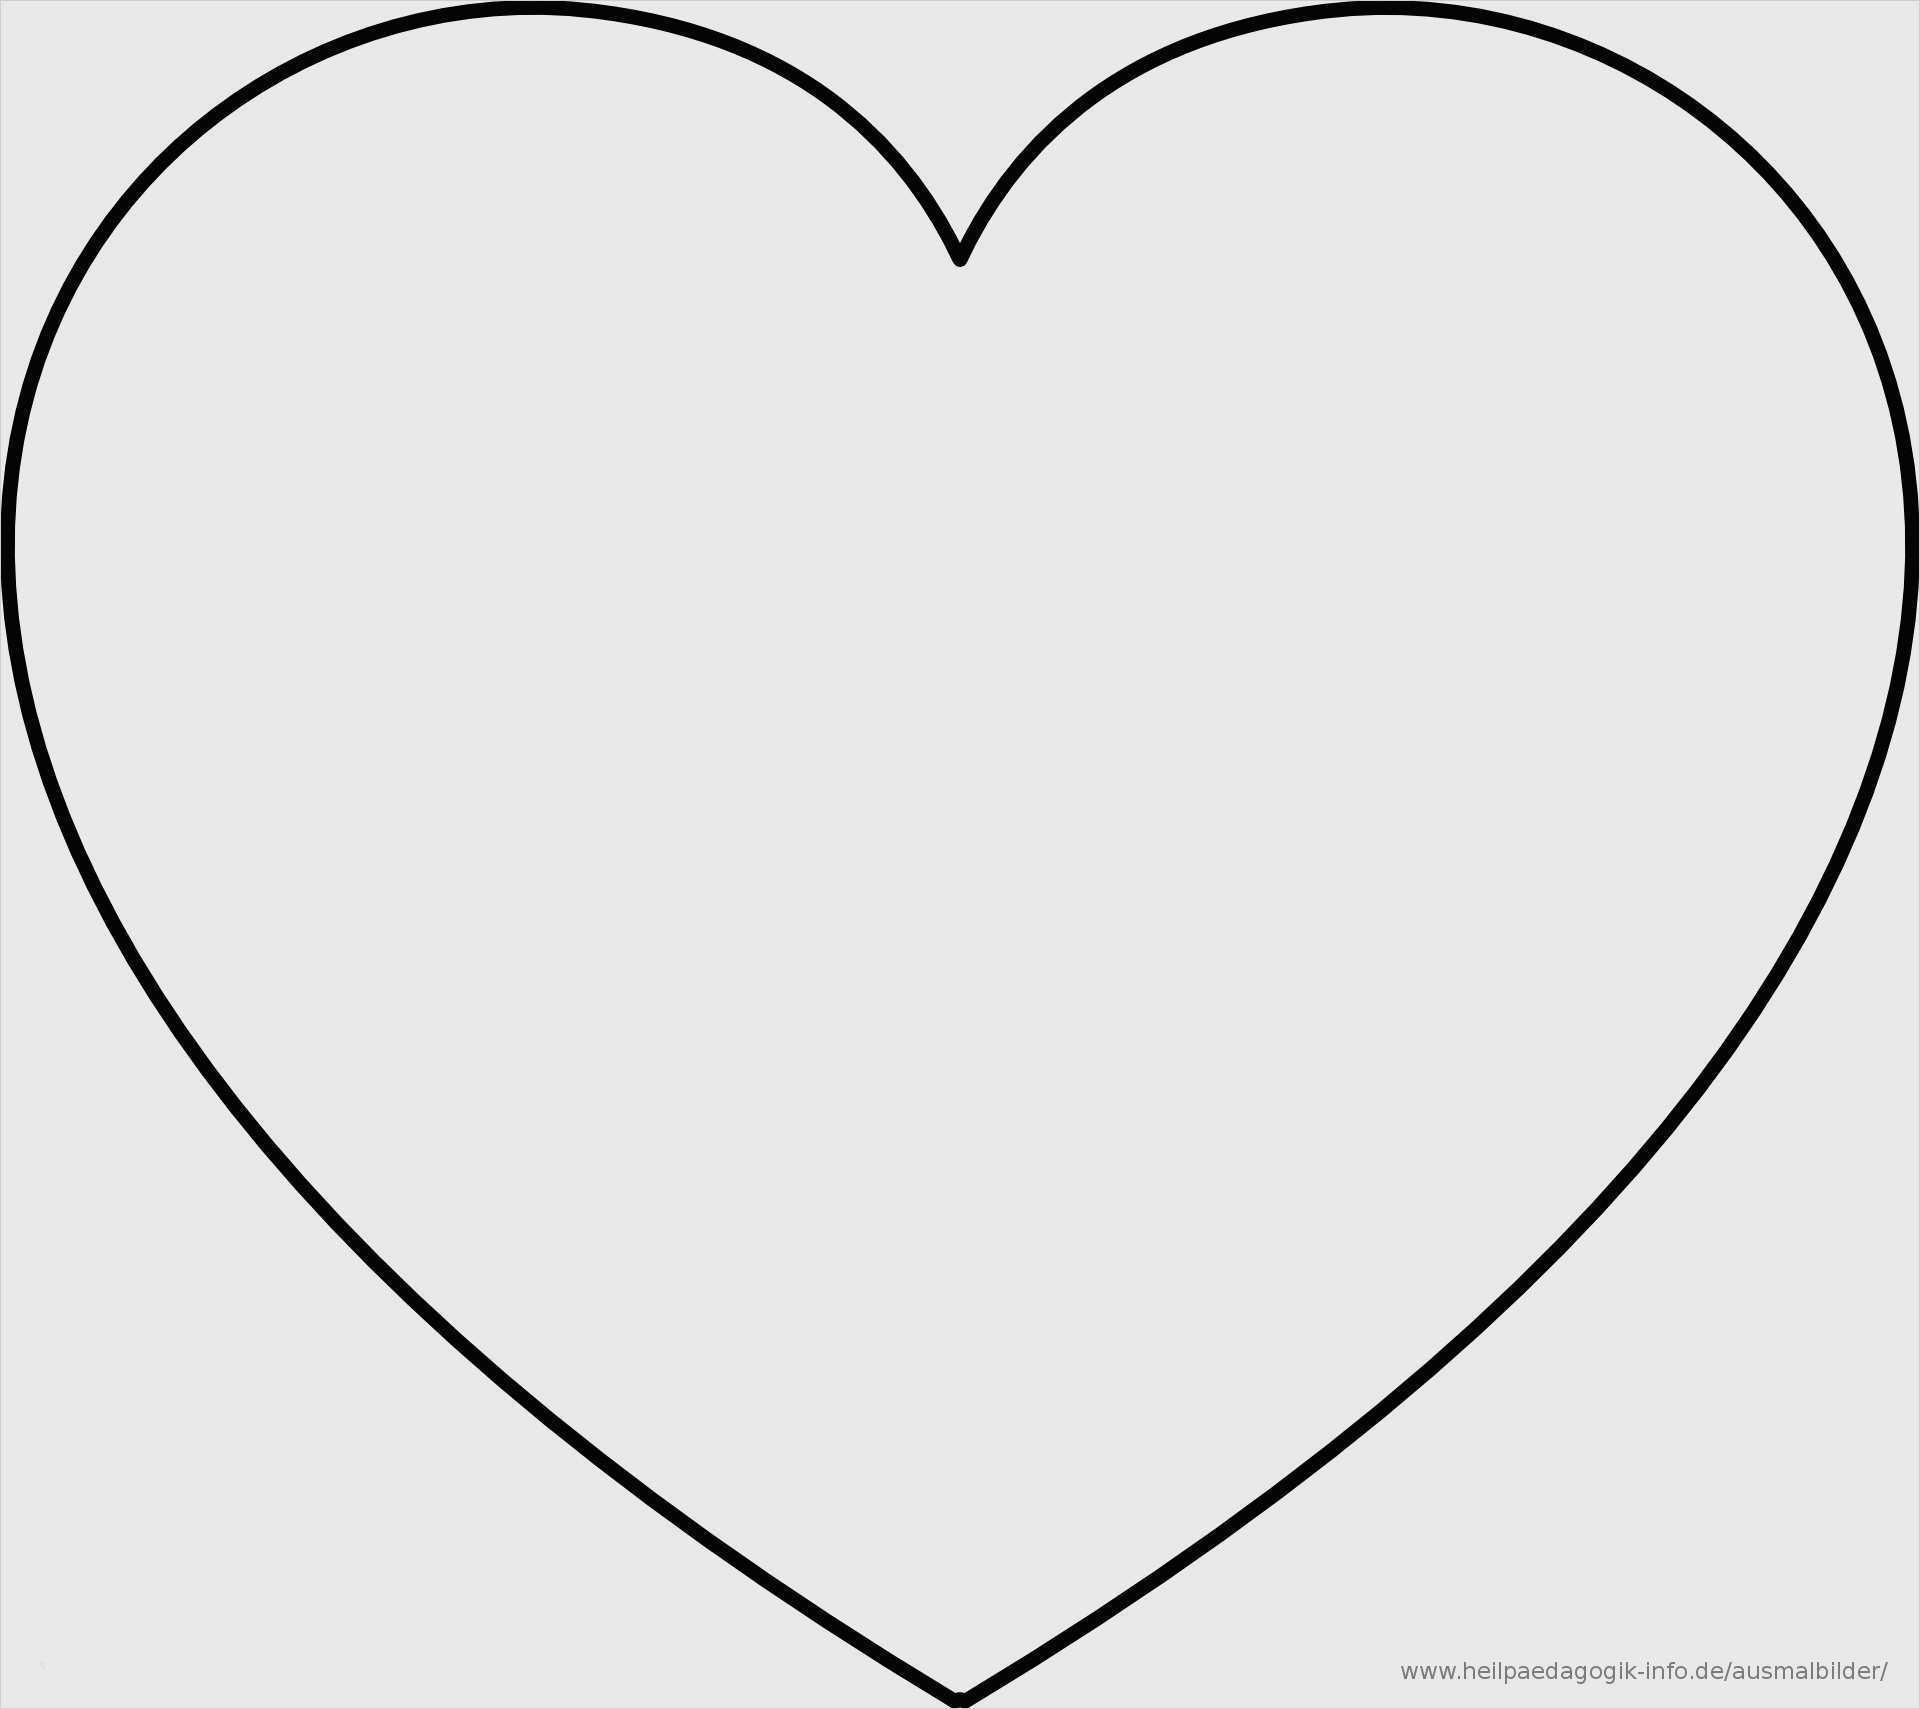 Herz Vorlage Zum Ausdrucken Best Of Ausmalbilder Herz ...